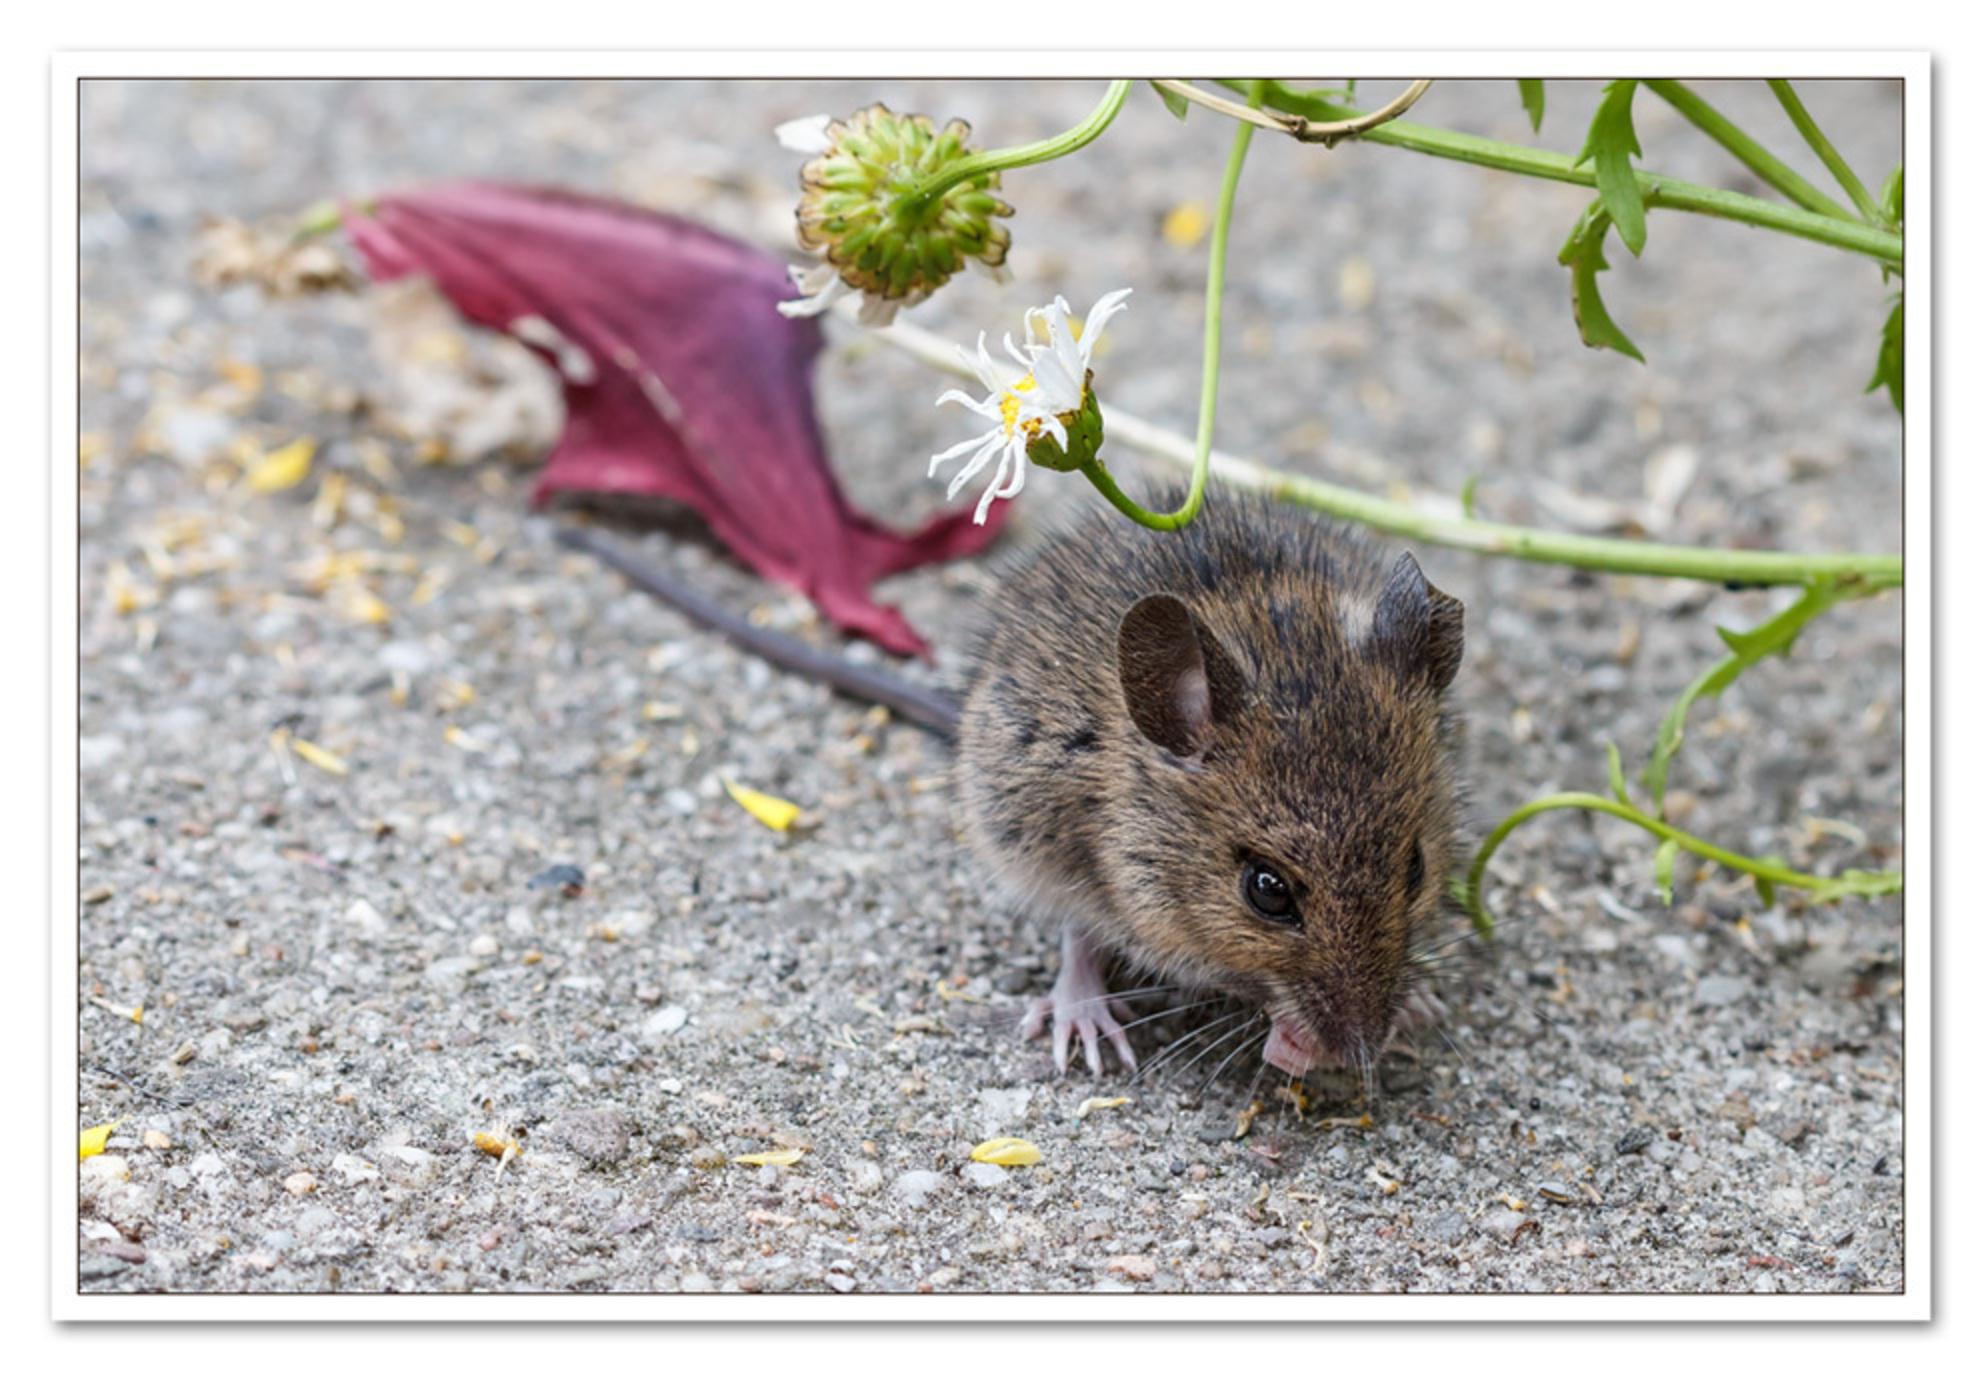 Wildlife - Wildlife in de tuin Dit muisje kwam ons opzoeken om van de bloemzaadjes te eten. Ik vind het een pracht beest(je).  groetjes, Margo - foto door MargoGer op 11-07-2013 - deze foto bevat: tuin, muis - Deze foto mag gebruikt worden in een Zoom.nl publicatie